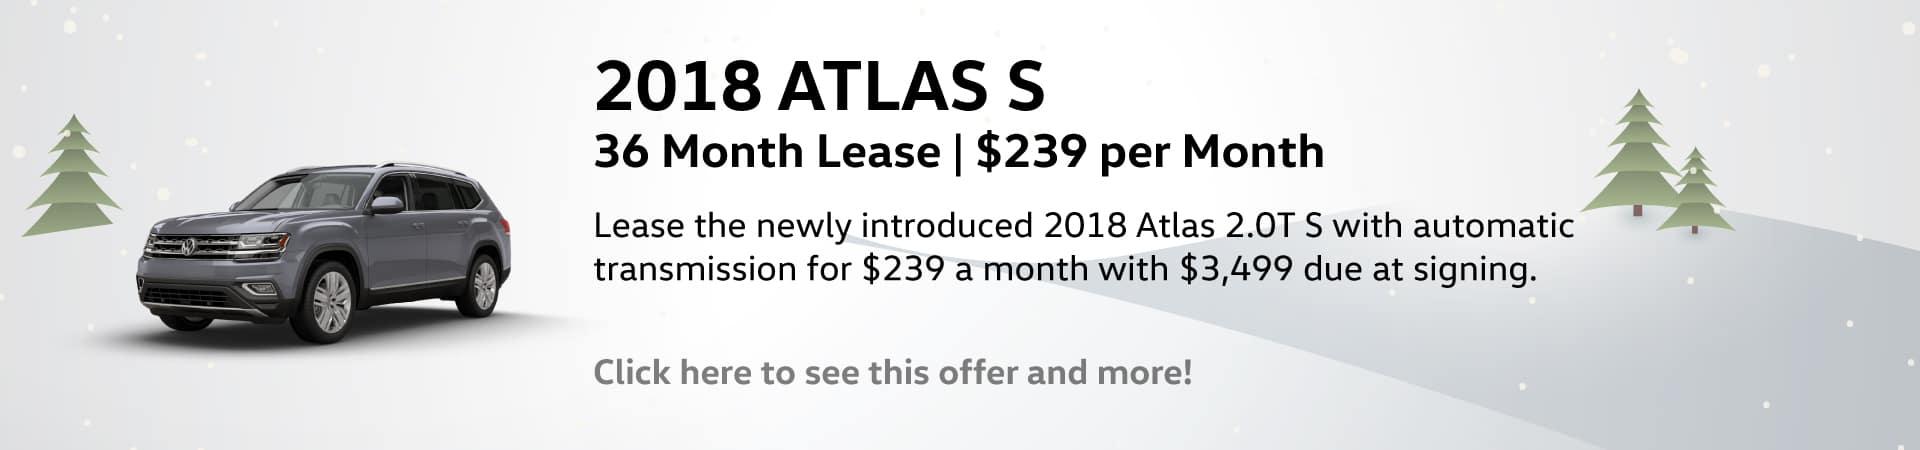 Atlas Lease Special